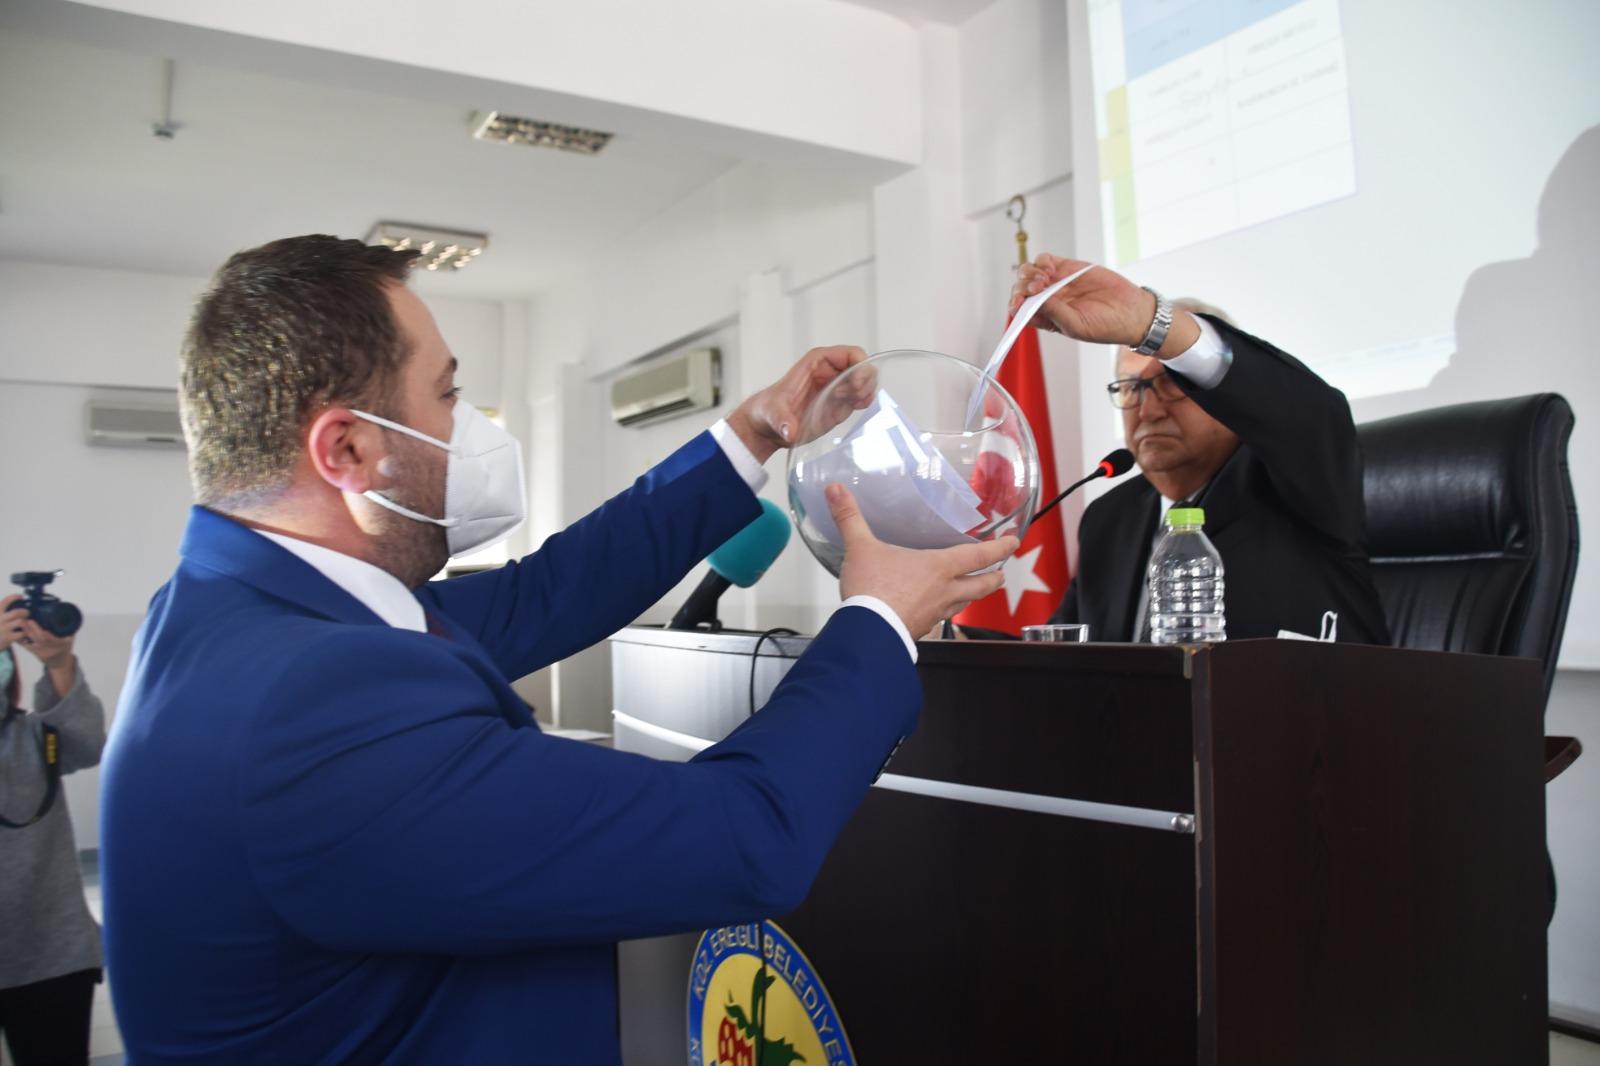 Ereğli Belediyesi Meclis de seçim yapıldı